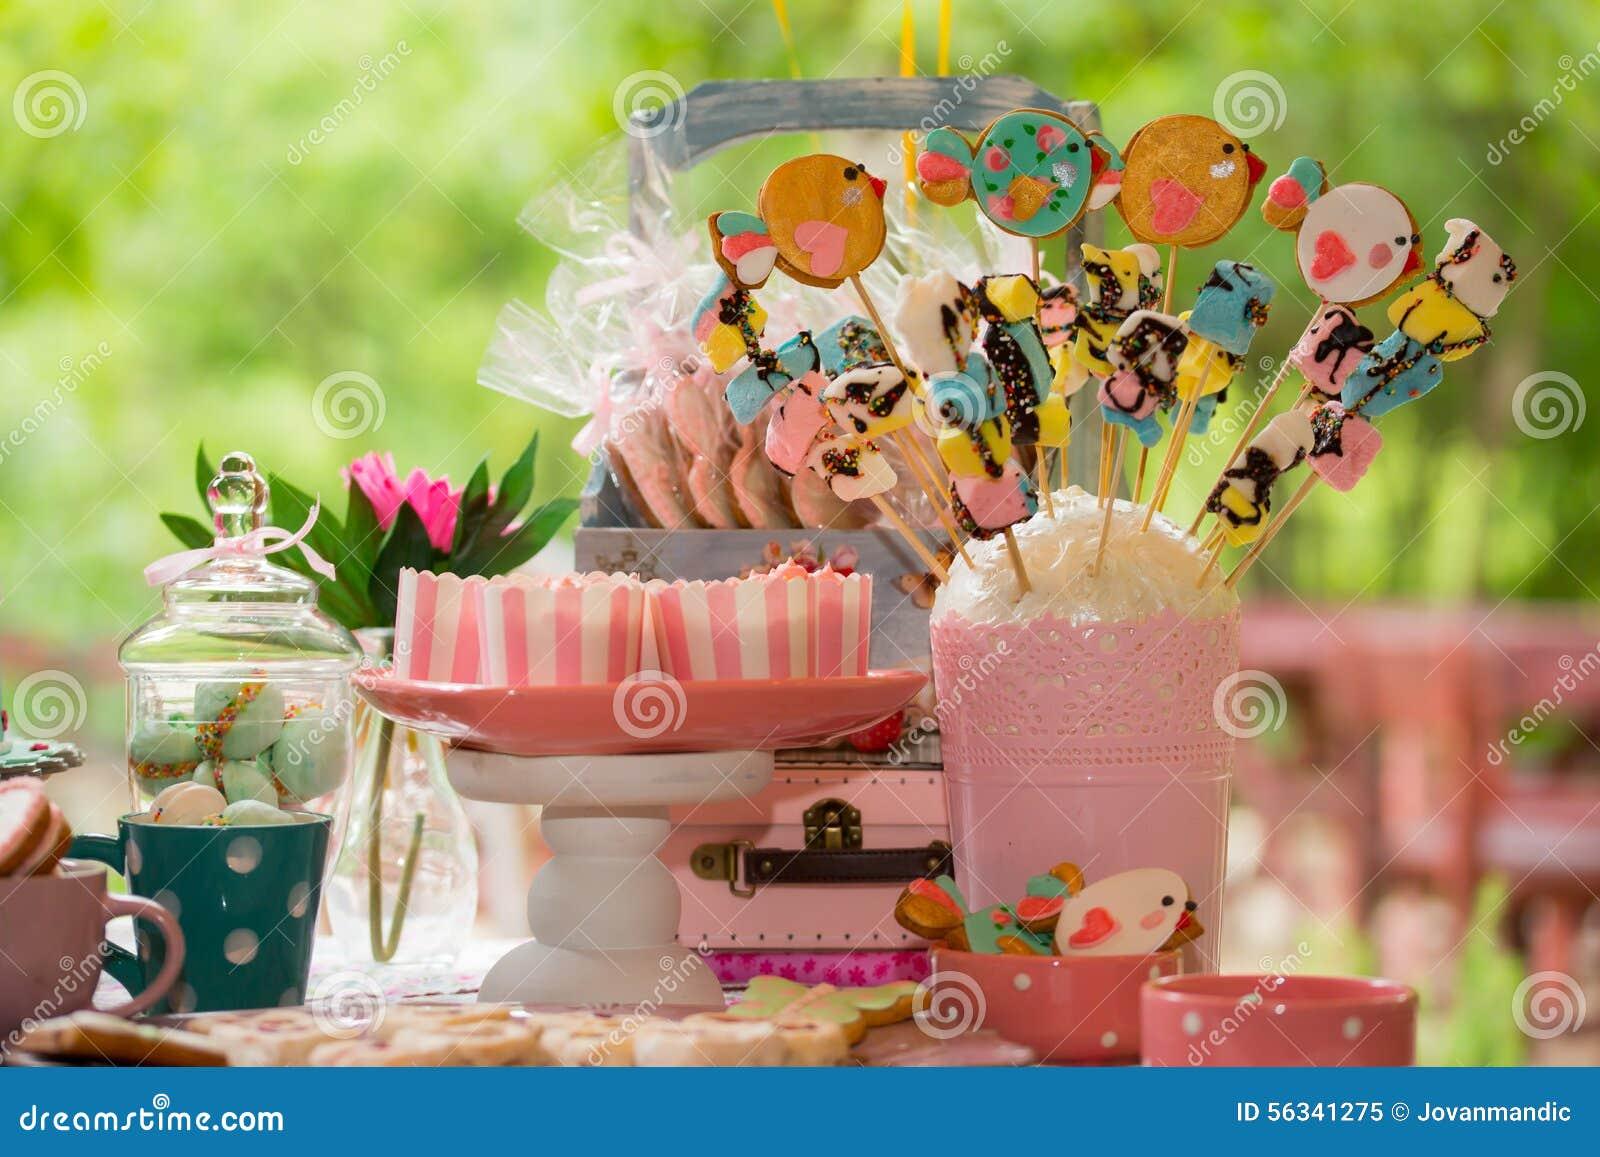 Tavolo Compleanno Bambini : Tavola di compleanno con i dolci per il partito dei bambini immagine